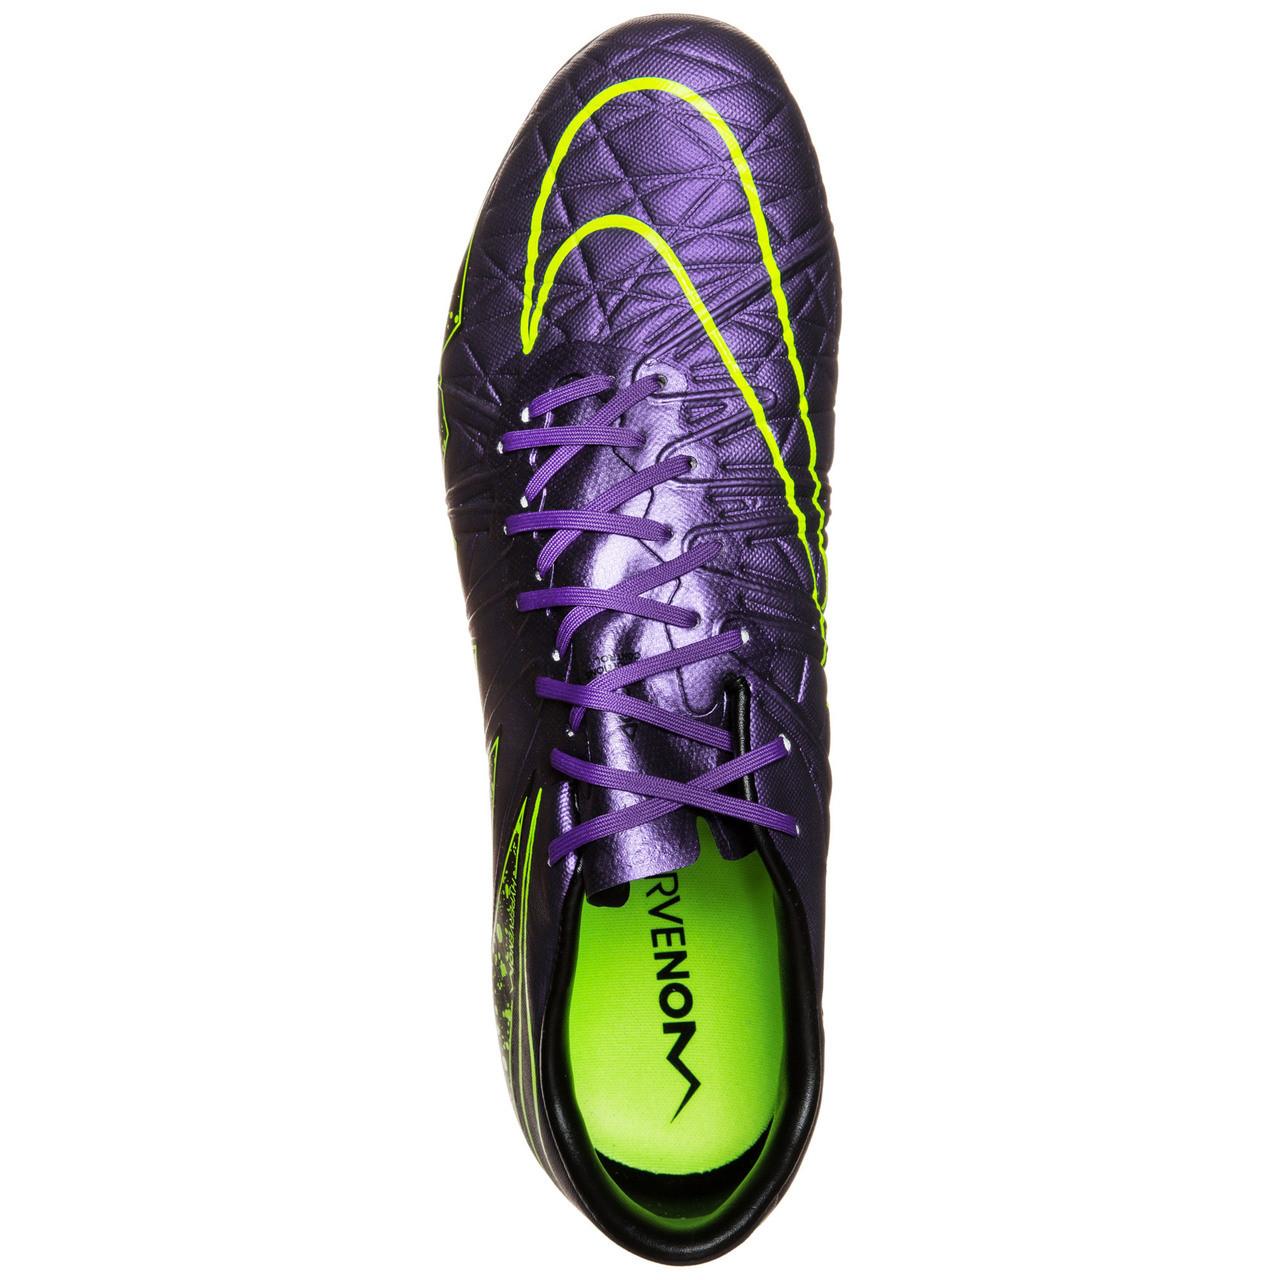 5dacca441 Nike Hypervenom Phinish FG - Hyper Grape (121418) - ohp soccer